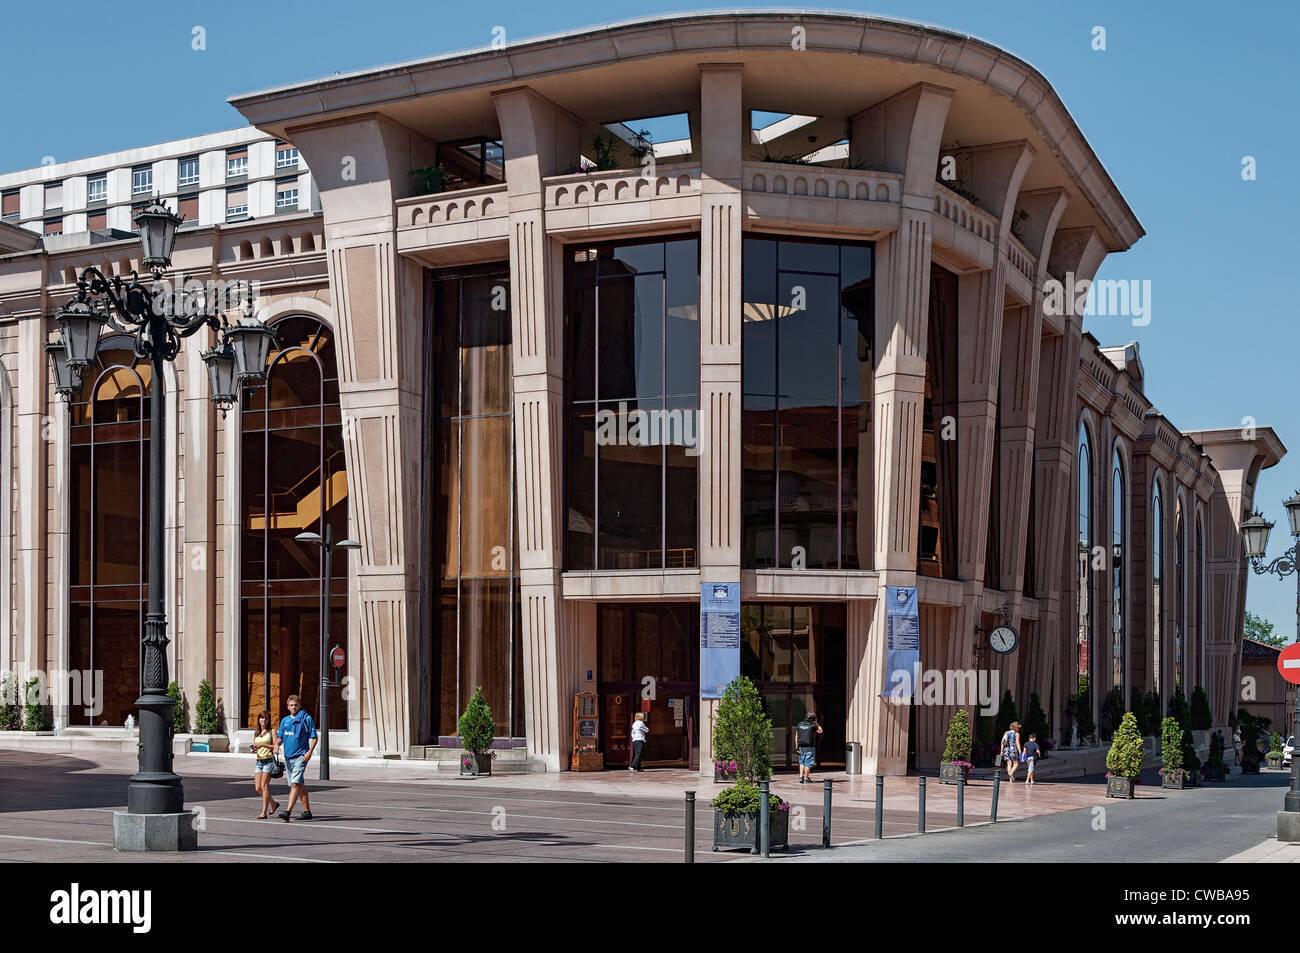 Auditorium-Congress Palace Principe Felipe, Oviedo city, Asturias, Spain, Europe. - Stock Image